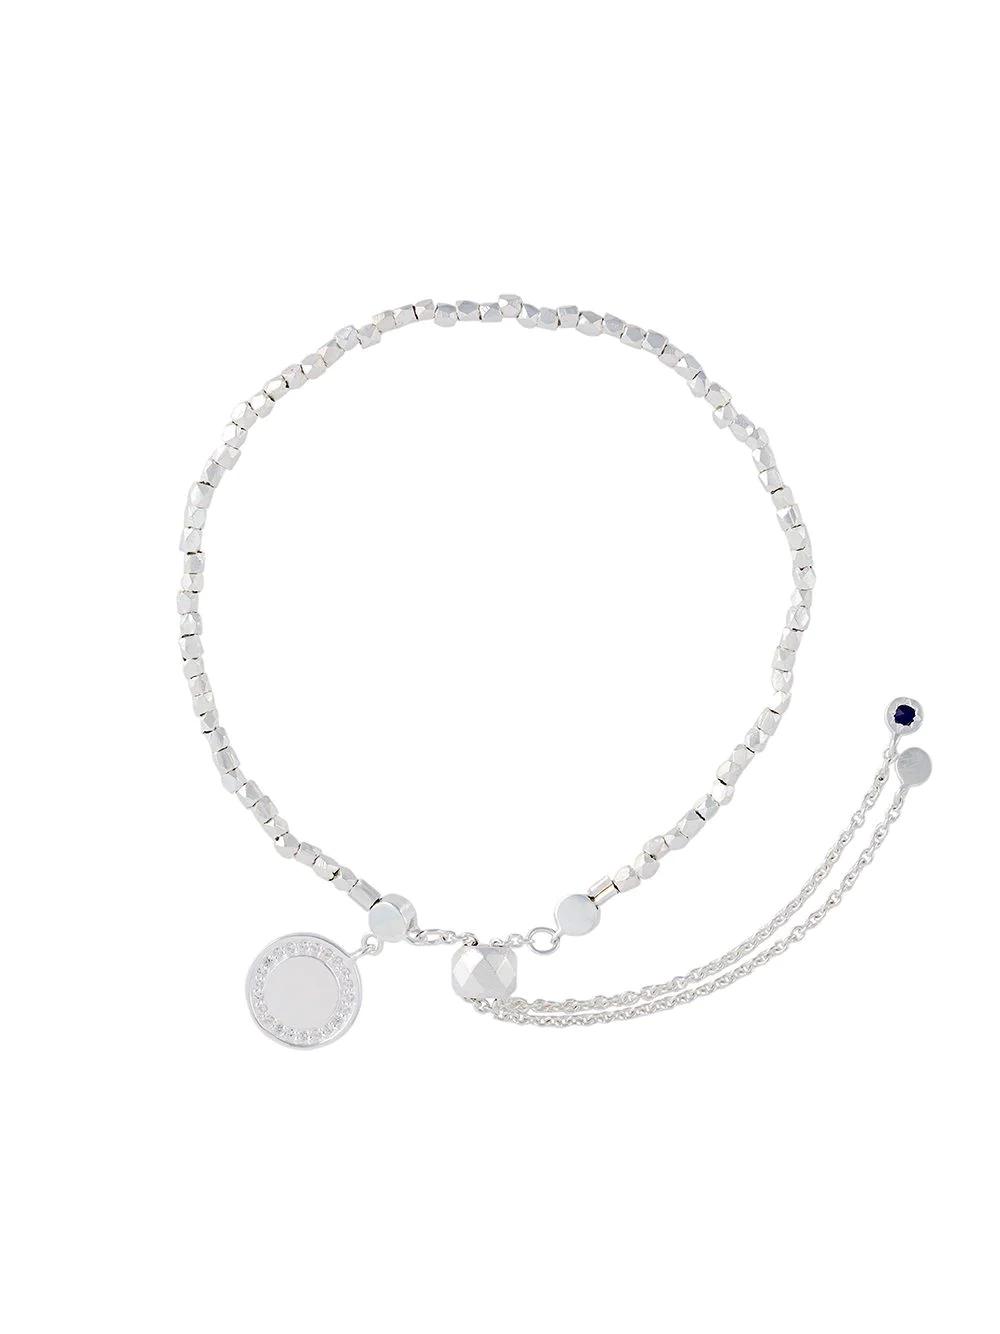 Astley Clarke | Astley Clarke браслет с сапфирами 'Cosmos Kula' | Clouty